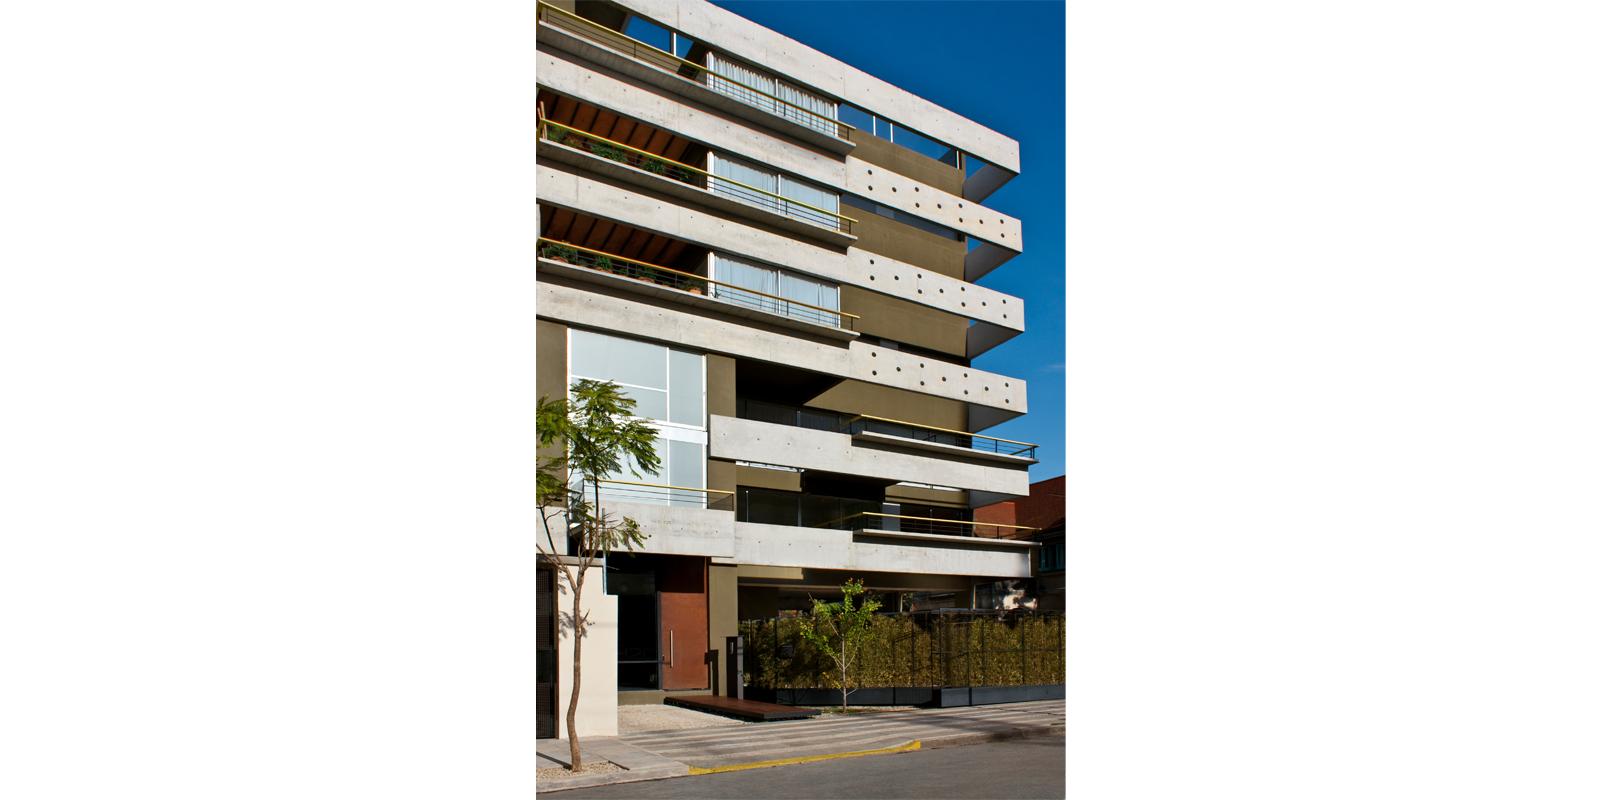 ProyectoC_Arquitectos_Portfolio_01_Alberdi